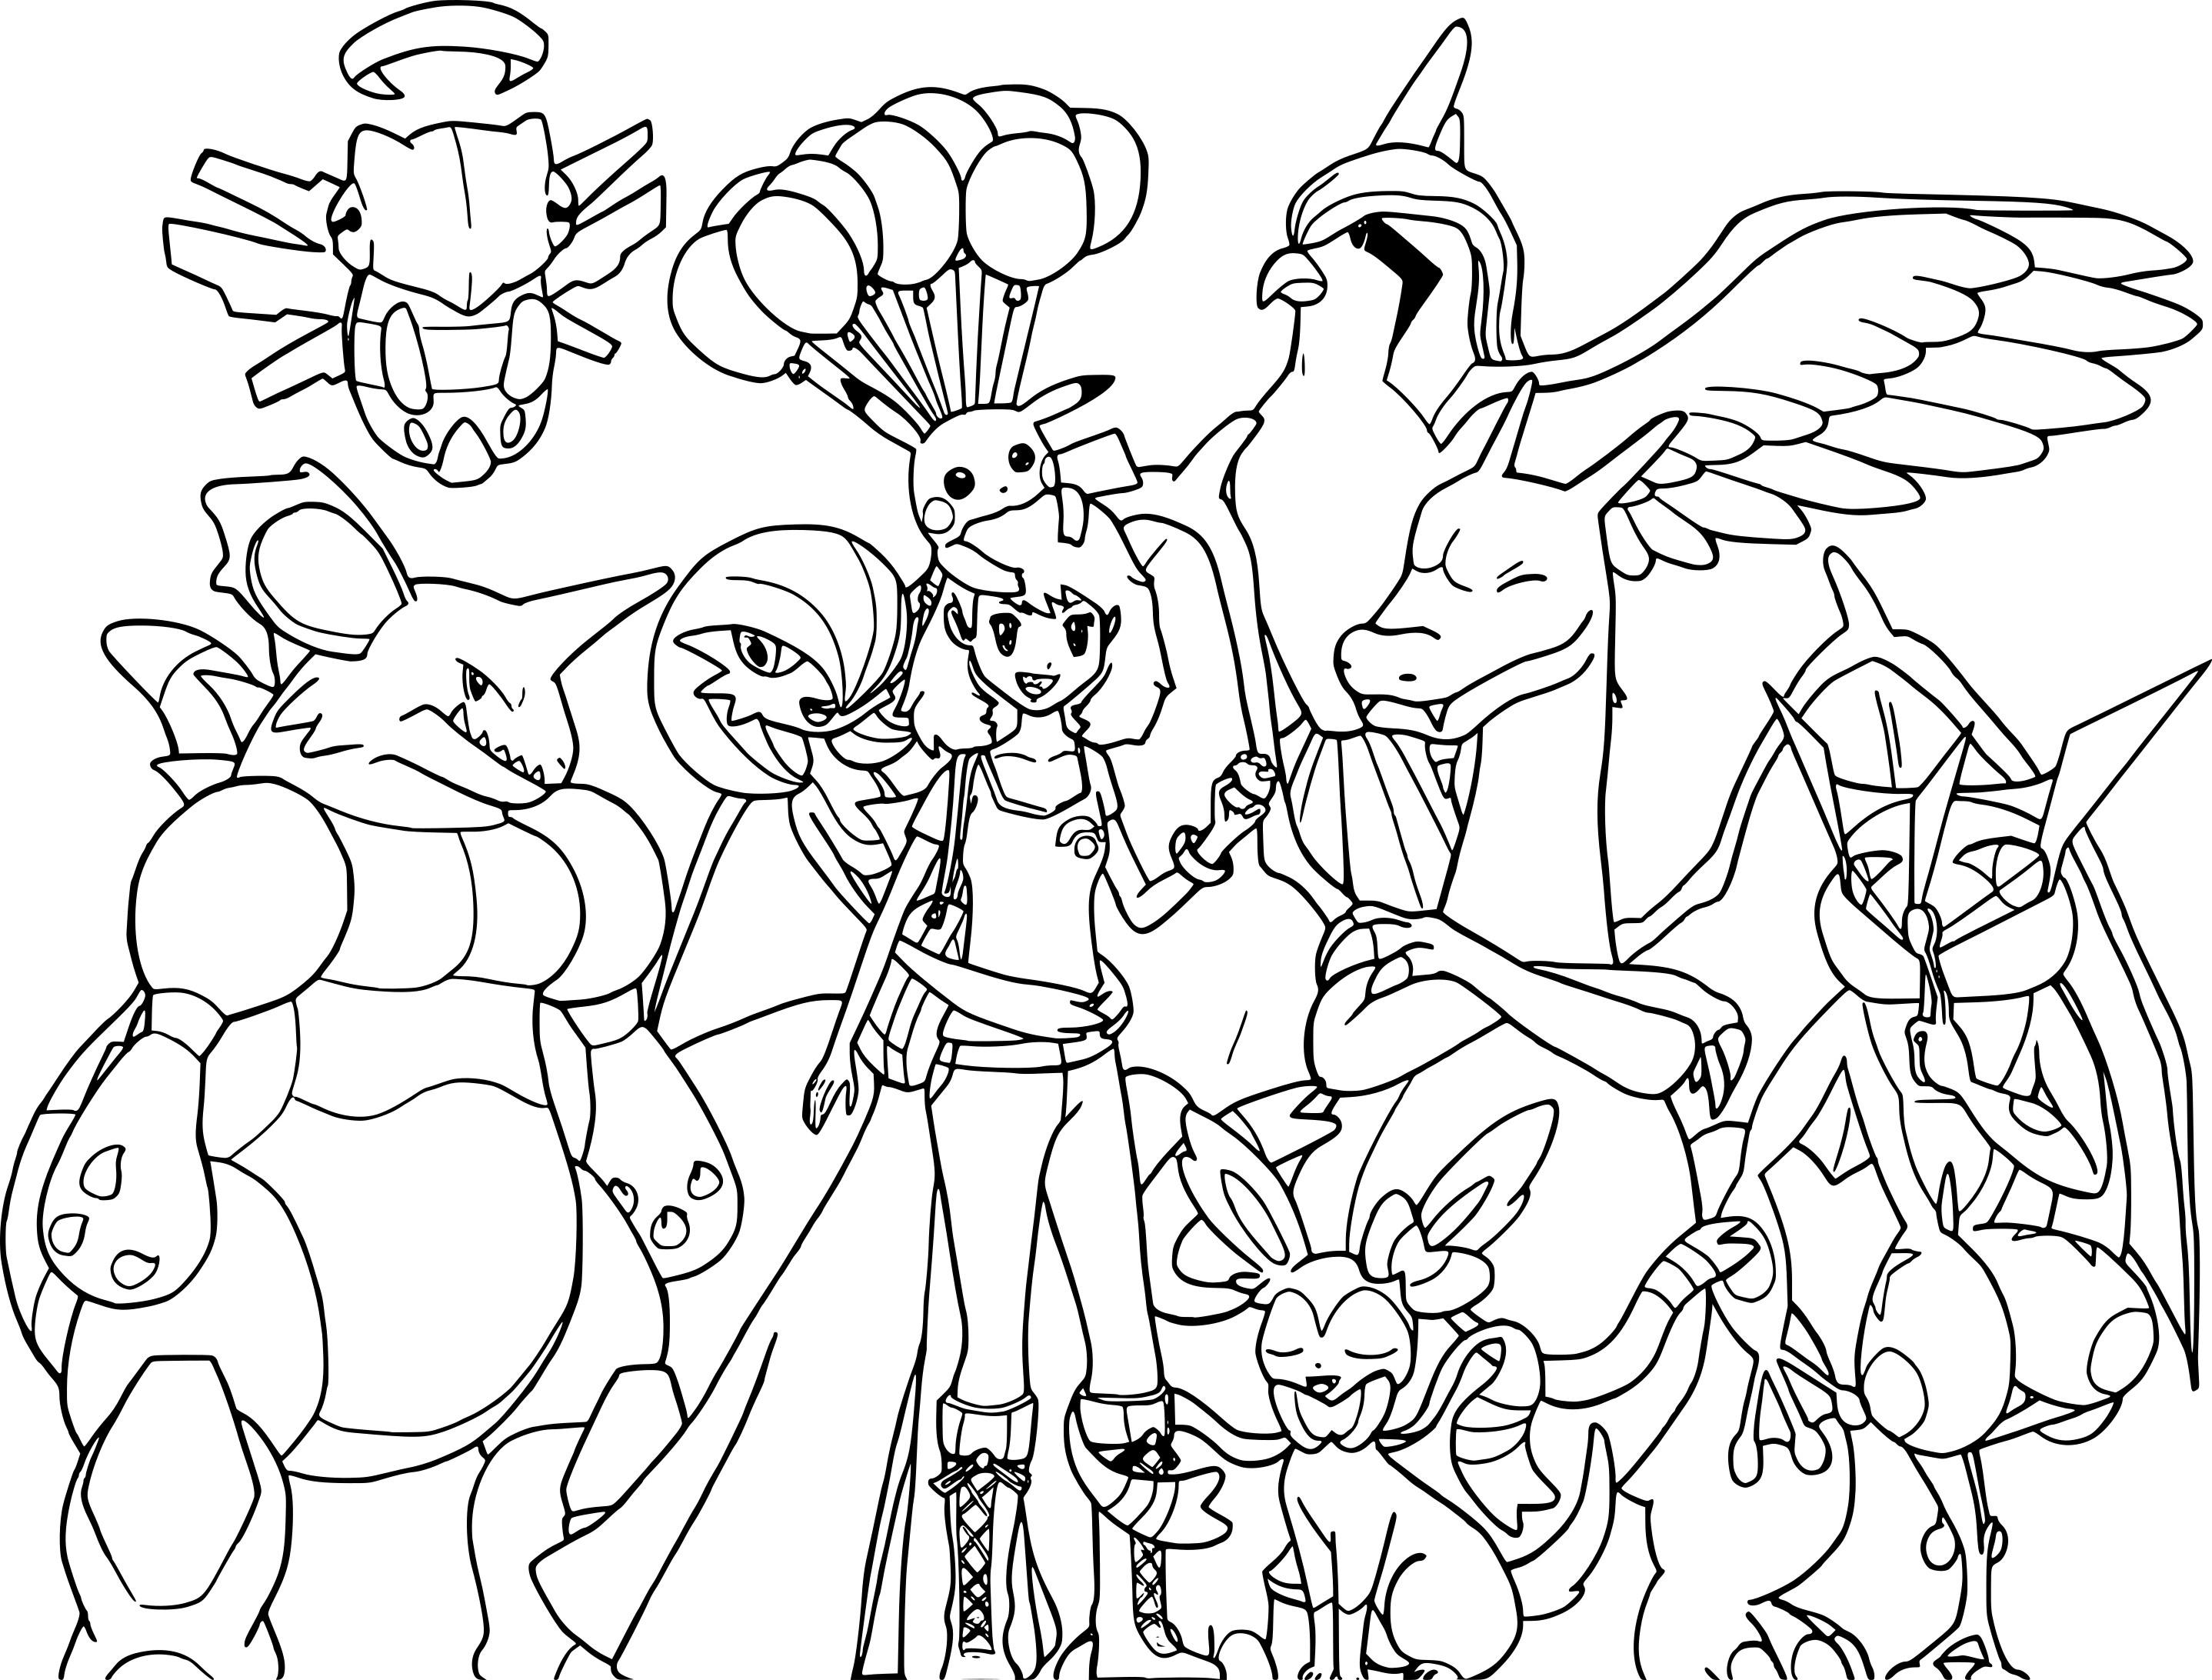 Coloriage Pokemon Noir Et Blanc À Imprimer Sur Coloriages intérieur Imprimer Coloriage Pokemon